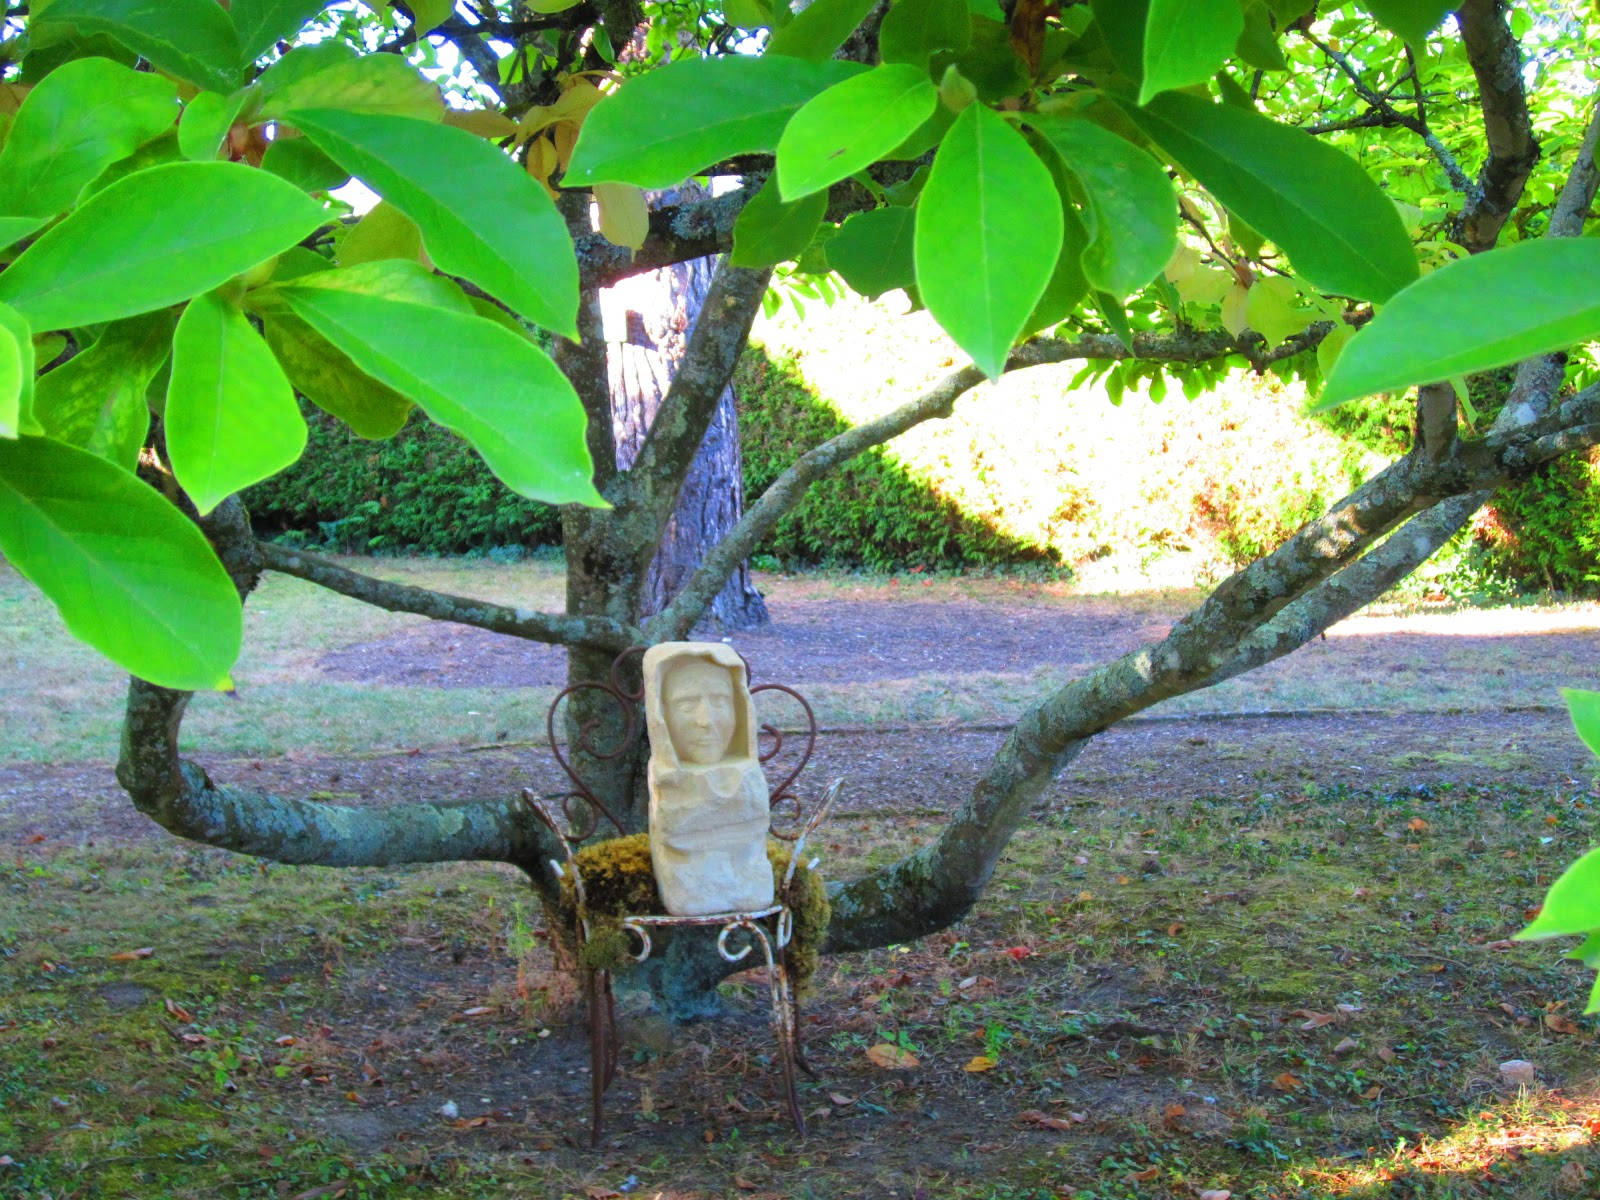 Le jardin de gros bois un magnifique endroit for Le jardin morat